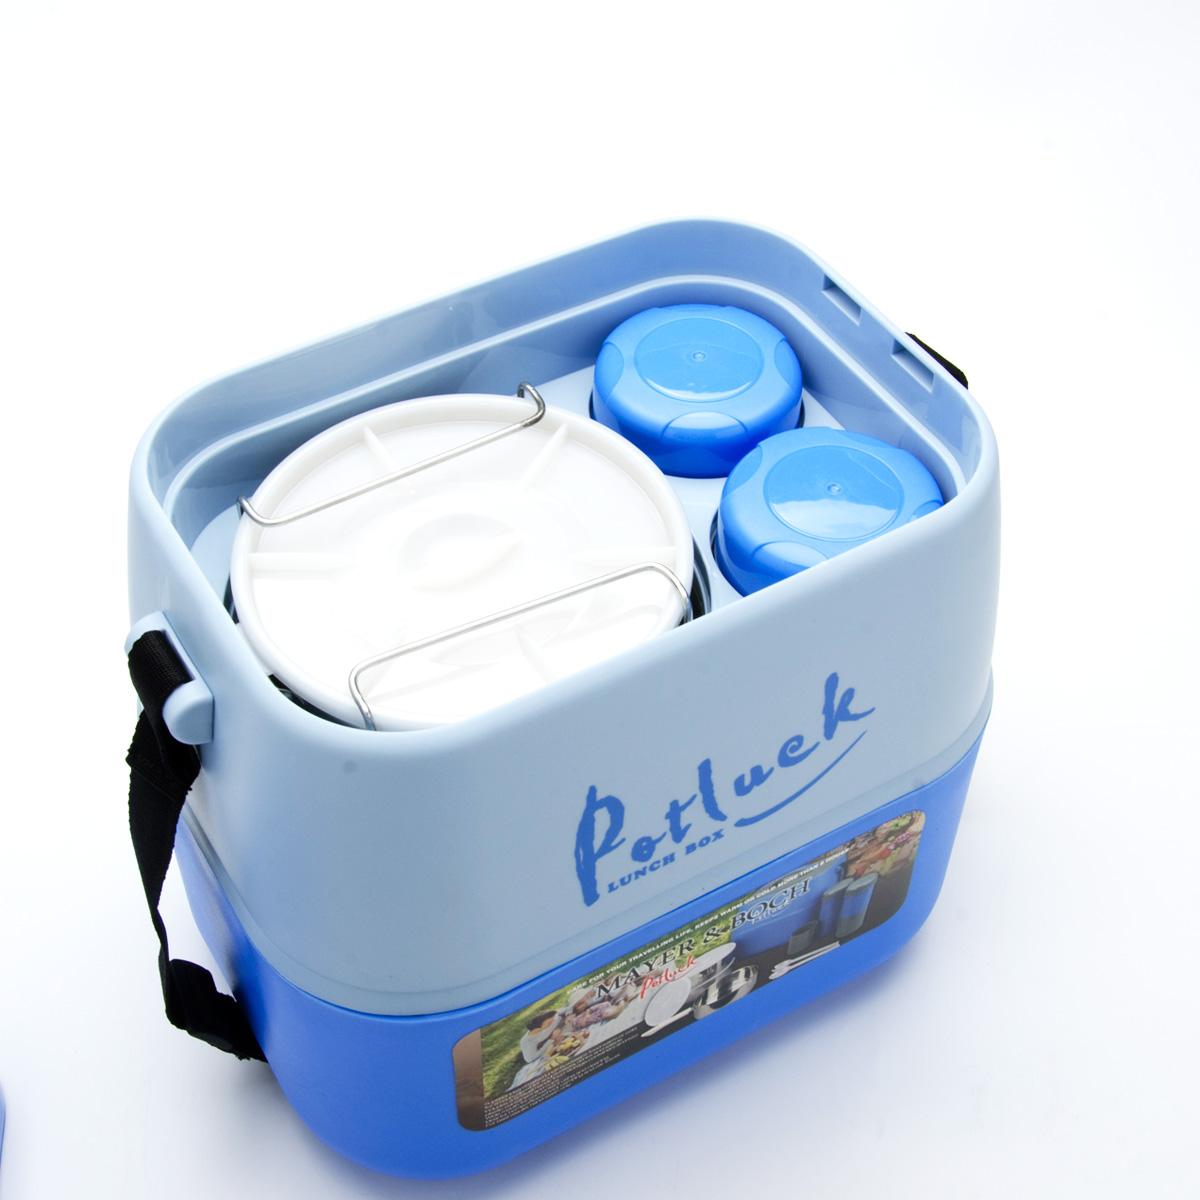 Термо-контейнер для продуктов Mayer & Boch, цвет: синий, 3,6 лFD-59Термо-контейнер Mayer & Boch, изготовленный из полипропилена, станет незаменимой вещью для офисных работников, водителей, школьников и студентов. Благодаря двойной стенке и герметичной крышке термо-конейнер сохраняет температуру продуктов в течение 4-5 часов, поэтому вы сможете насладиться теплым обедом и вне дома. Изделие имеет абсолютно герметичную конструкцию. Контейнер идеален для пикников и путешествий. Вы можете носить в нем обеды и завтраки, супы, закуски, фрукты, овощи и другое. Термо-контейнер прекрасно подходит для горячей и холодной пищи. Для более удобной транспортировки изделие оснащено текстильным ремнем. В наборе - 3 стальных контейнера для пищи с пластиковыми крышками, металлическая подставка и съемная ручка для контейнеров, 2 пластиковые емкости для жидкости с крышками, 2 стакана, пластиковые ложка и вилка-ложка. Все предметы компактно и надежно складываются внутрь термо-контейнера. Объем термо-контейнера: 3,6 л.Размер термо-контейнера: 27 см х 19 см х 29 см.Диаметр контейнера для пищи: 14 см.Высота контейнера для пищи (без учета крышки): 6 см.Размер подставки для контейнеров: 10,5 см х 10,5 см х 19 см.Длина съемной ручки для контейнеров: 11 см.Длина ложки/вилки-ложки: 16 см.